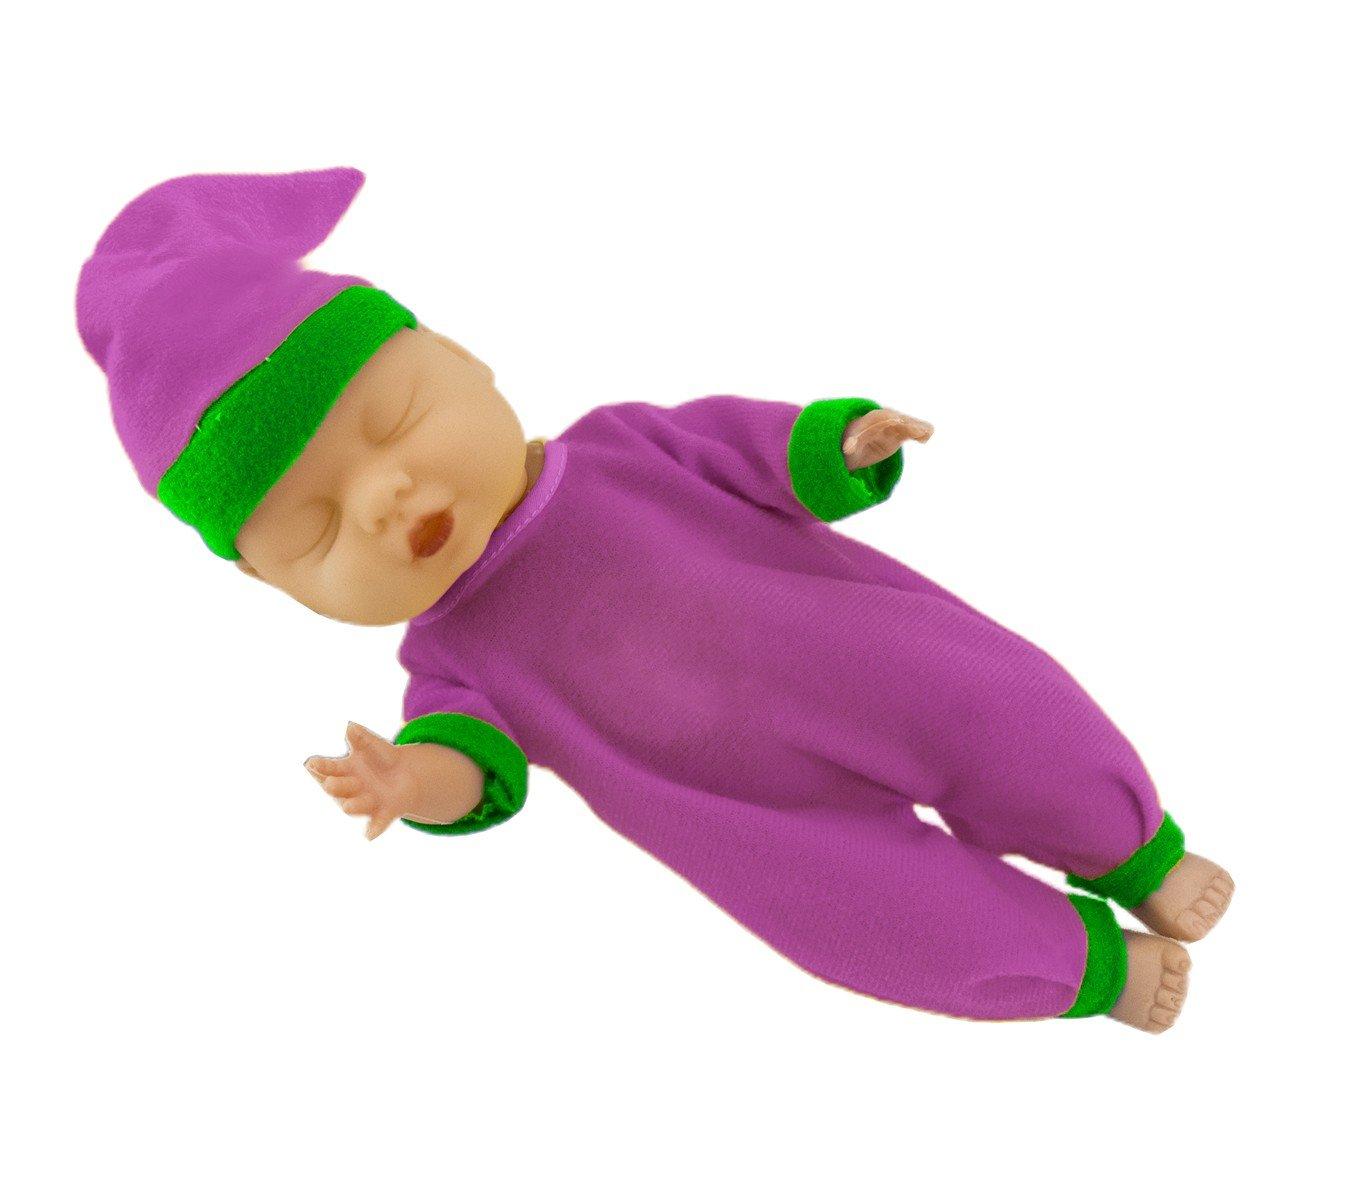 Bambola con voce e luce 124888 ADORABLE BABY CIGIOKI starnutisce come un bebè